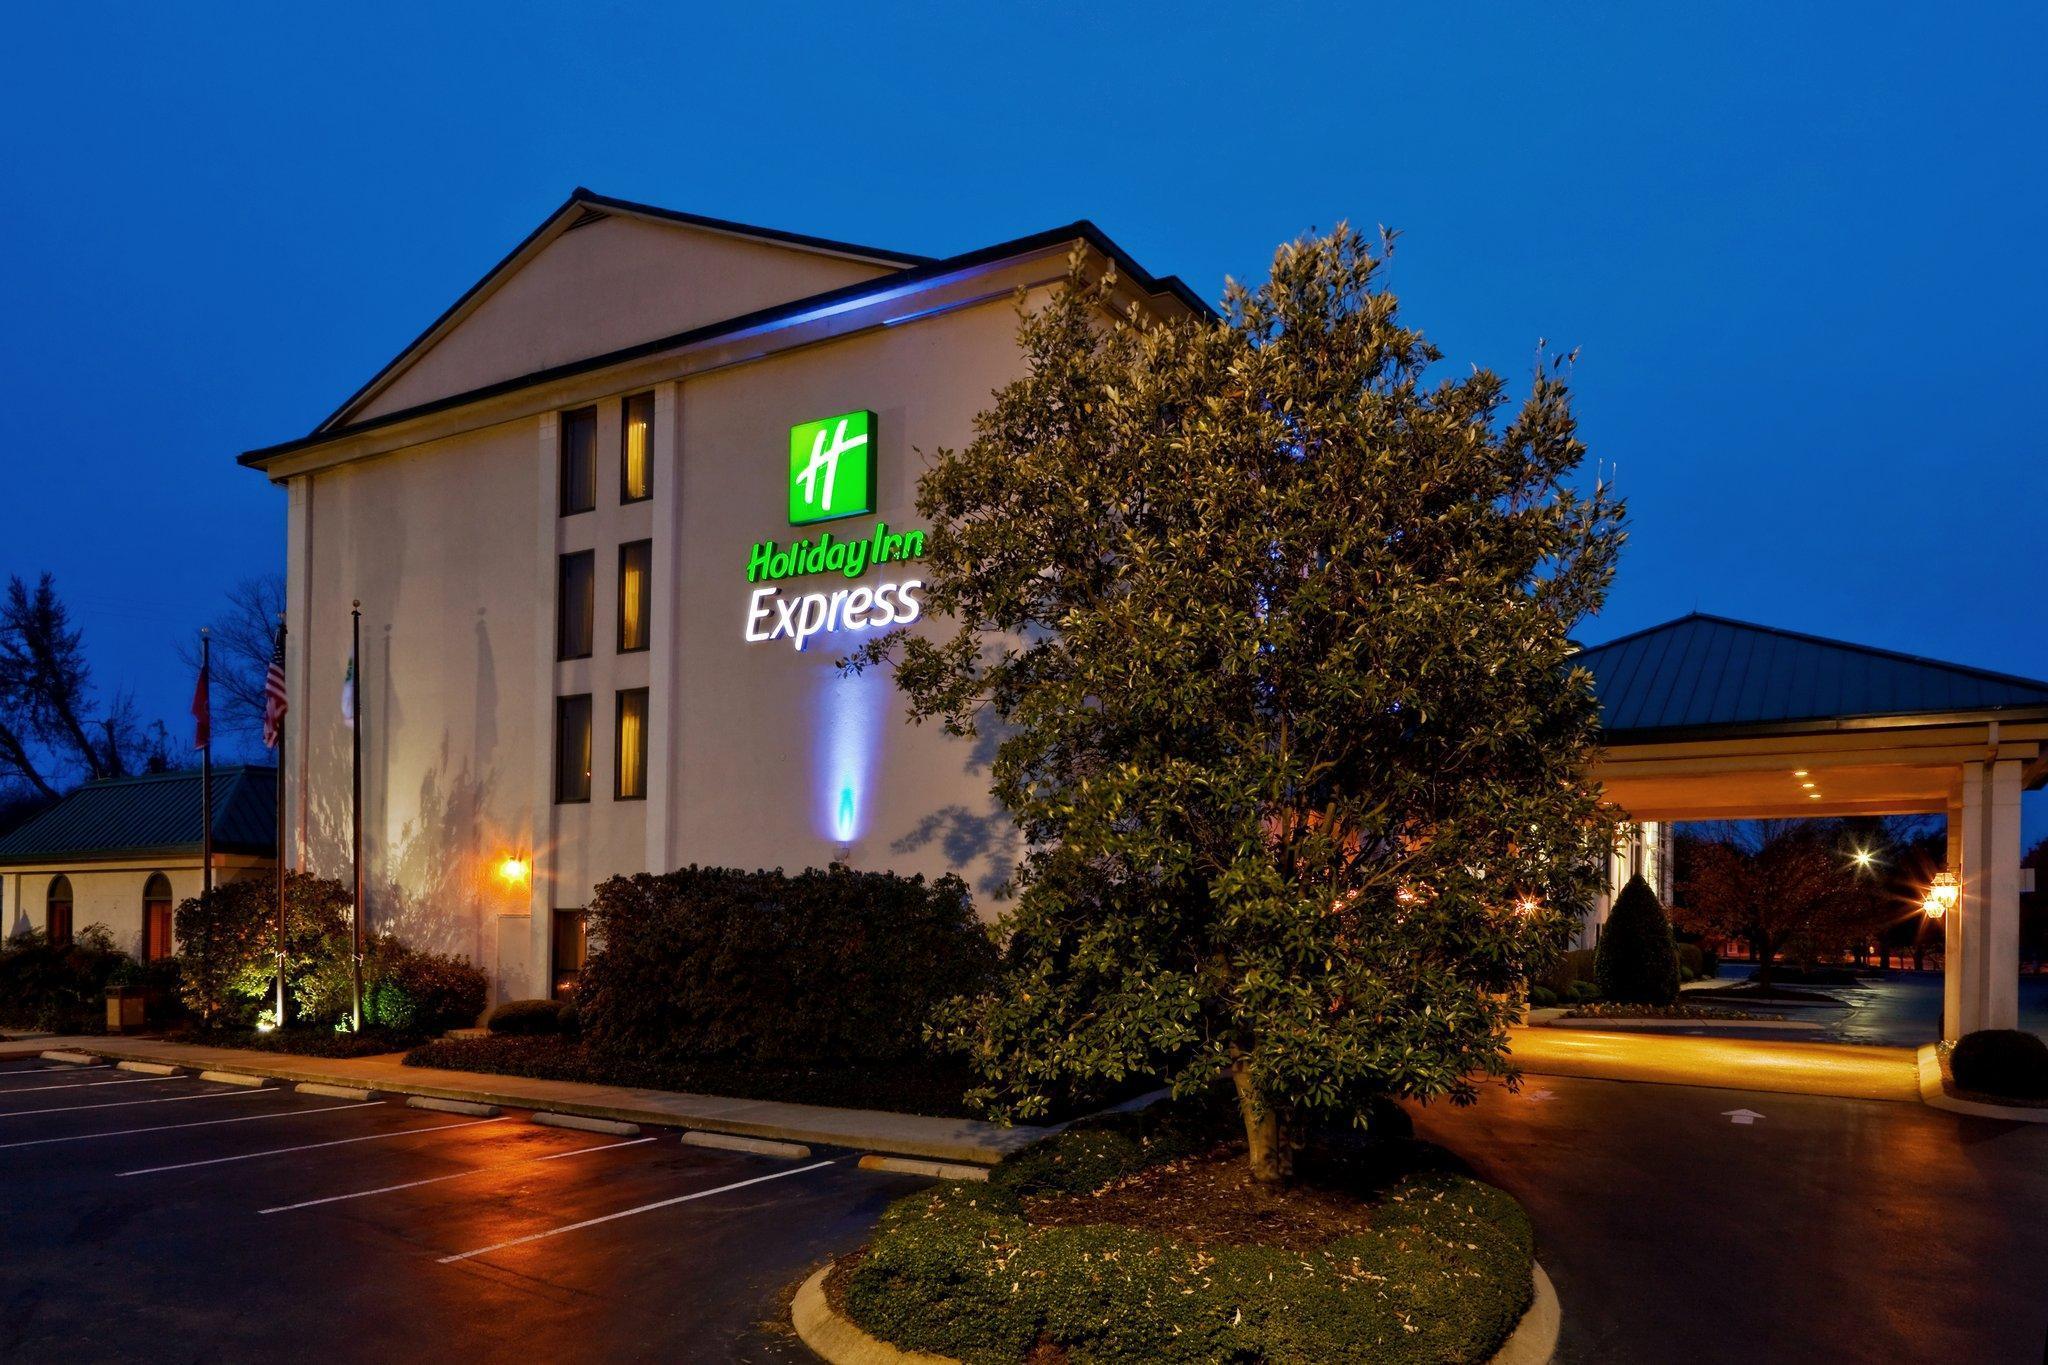 Holiday Inn Express Nashville Hendersonville